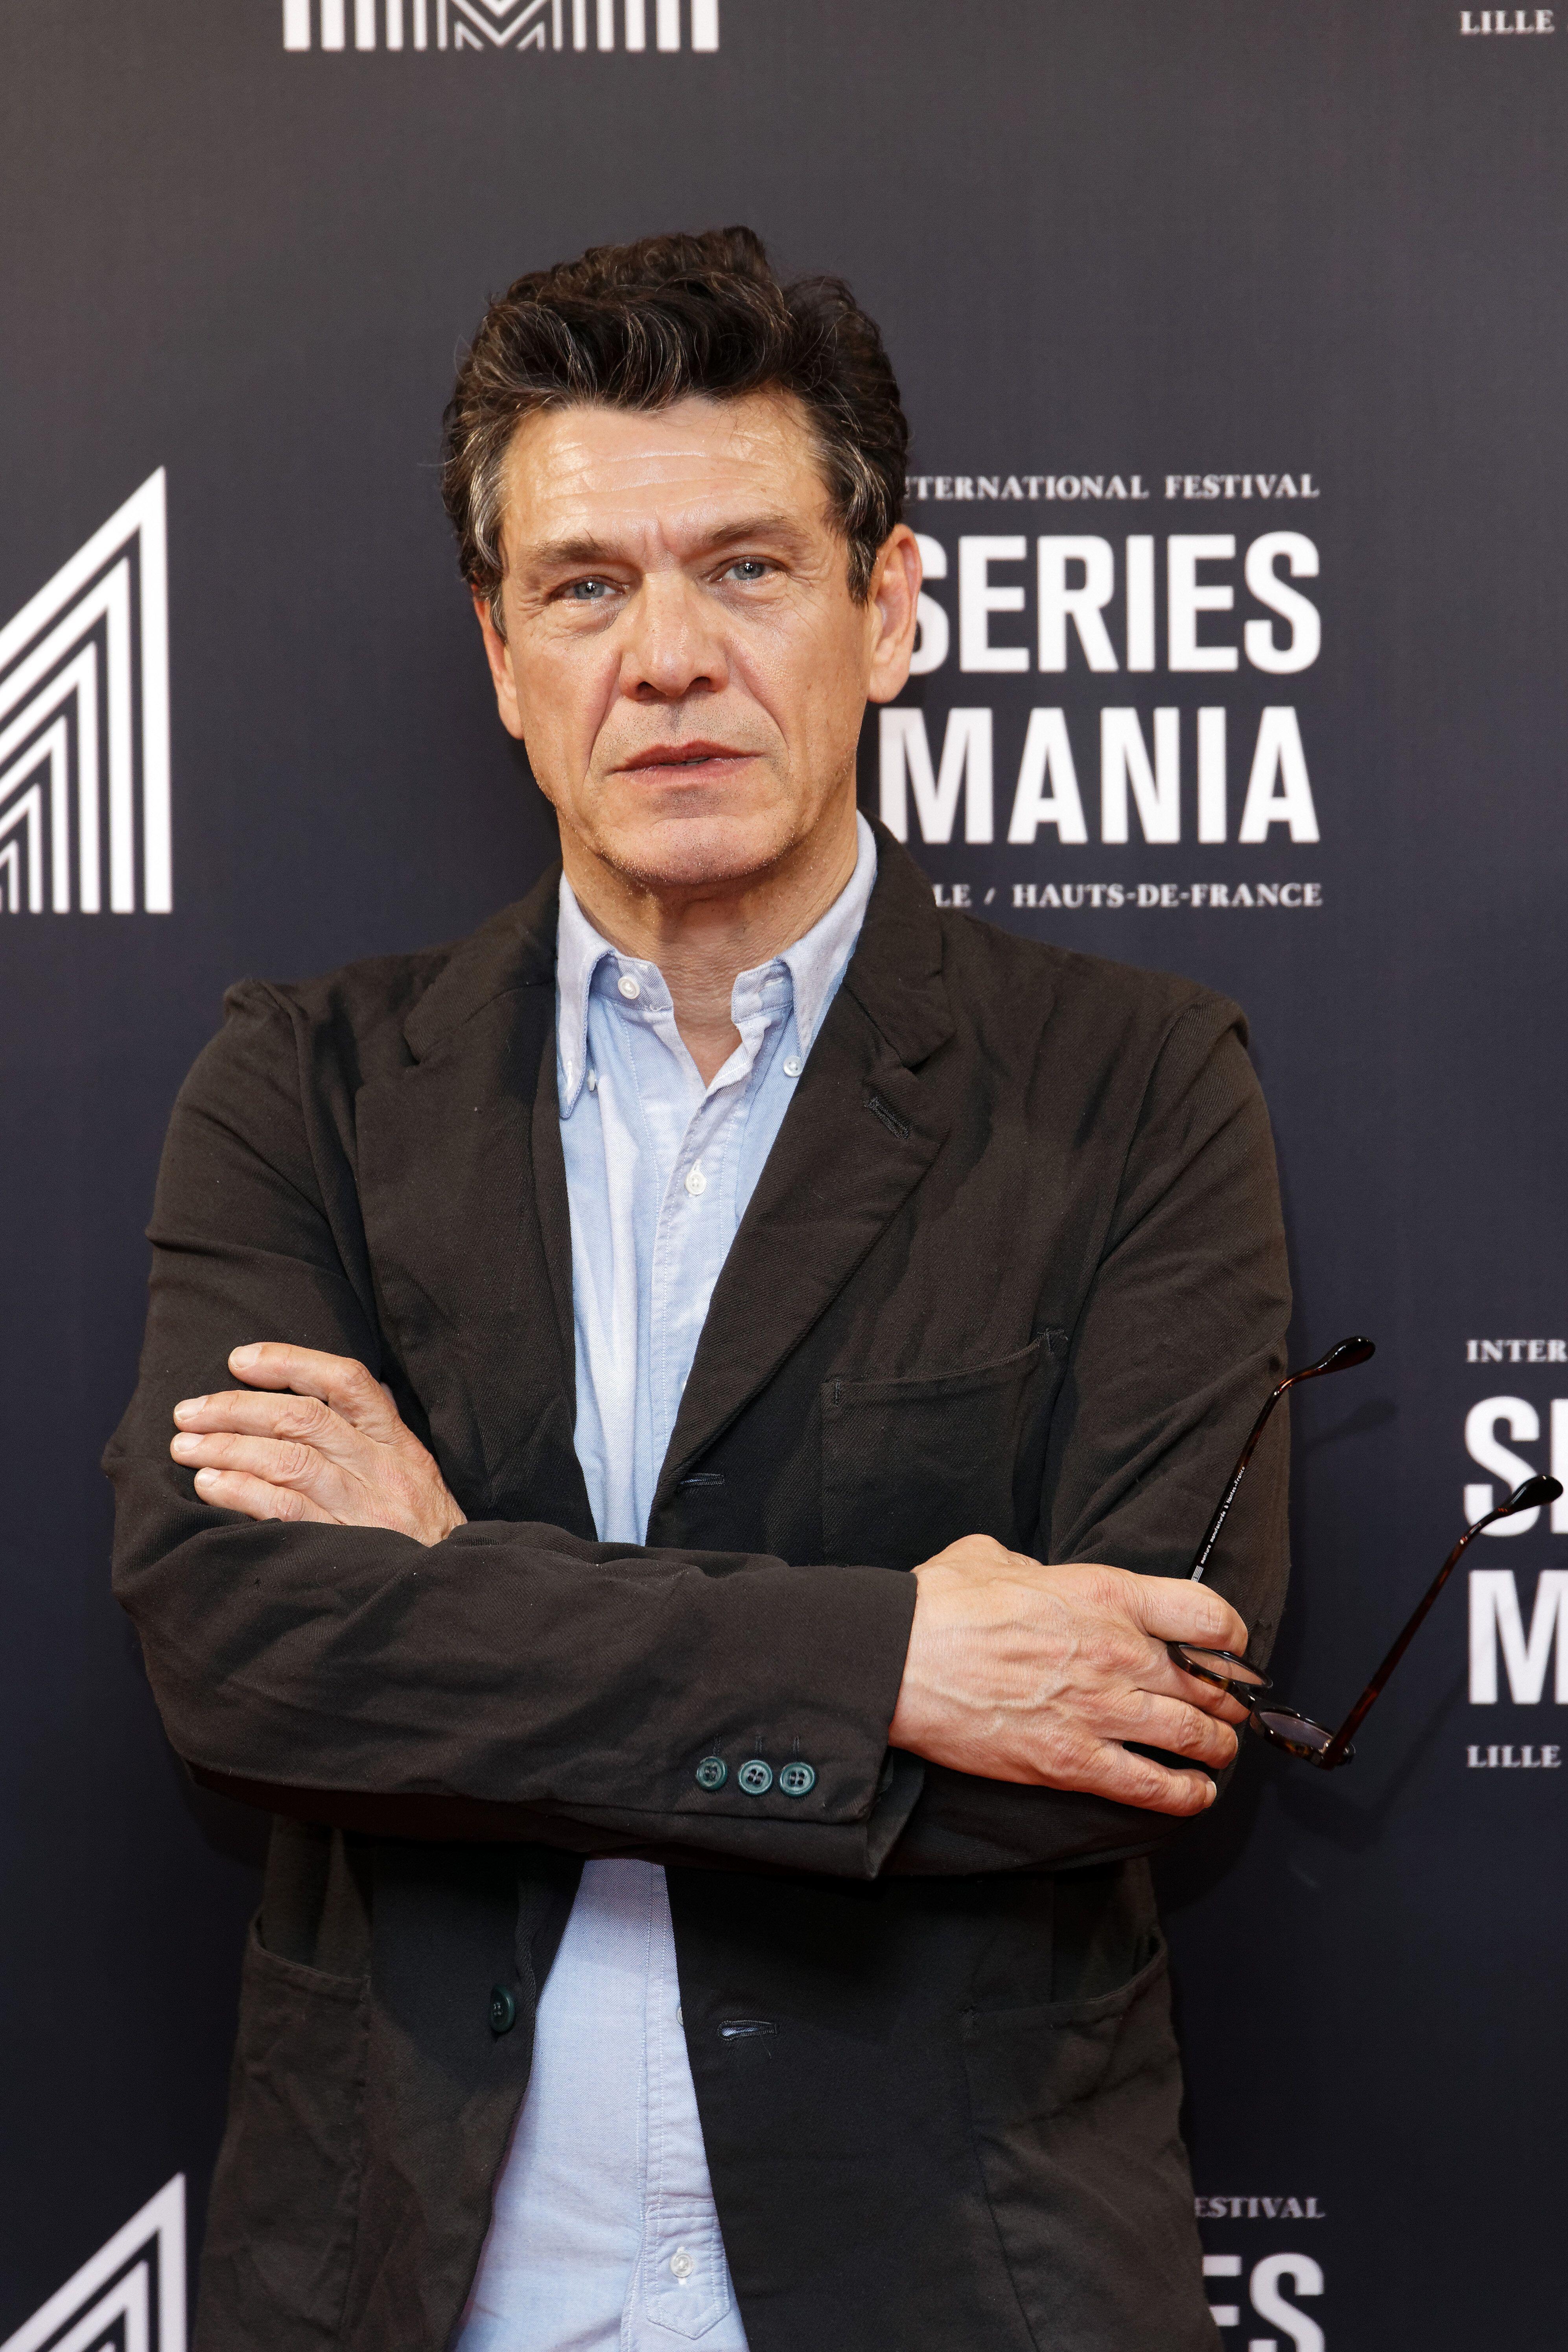 LILLE, FRANCE - APRIL 30: Actor Marc Lavoine attends Series Mania Lille Hauts de France festival day...